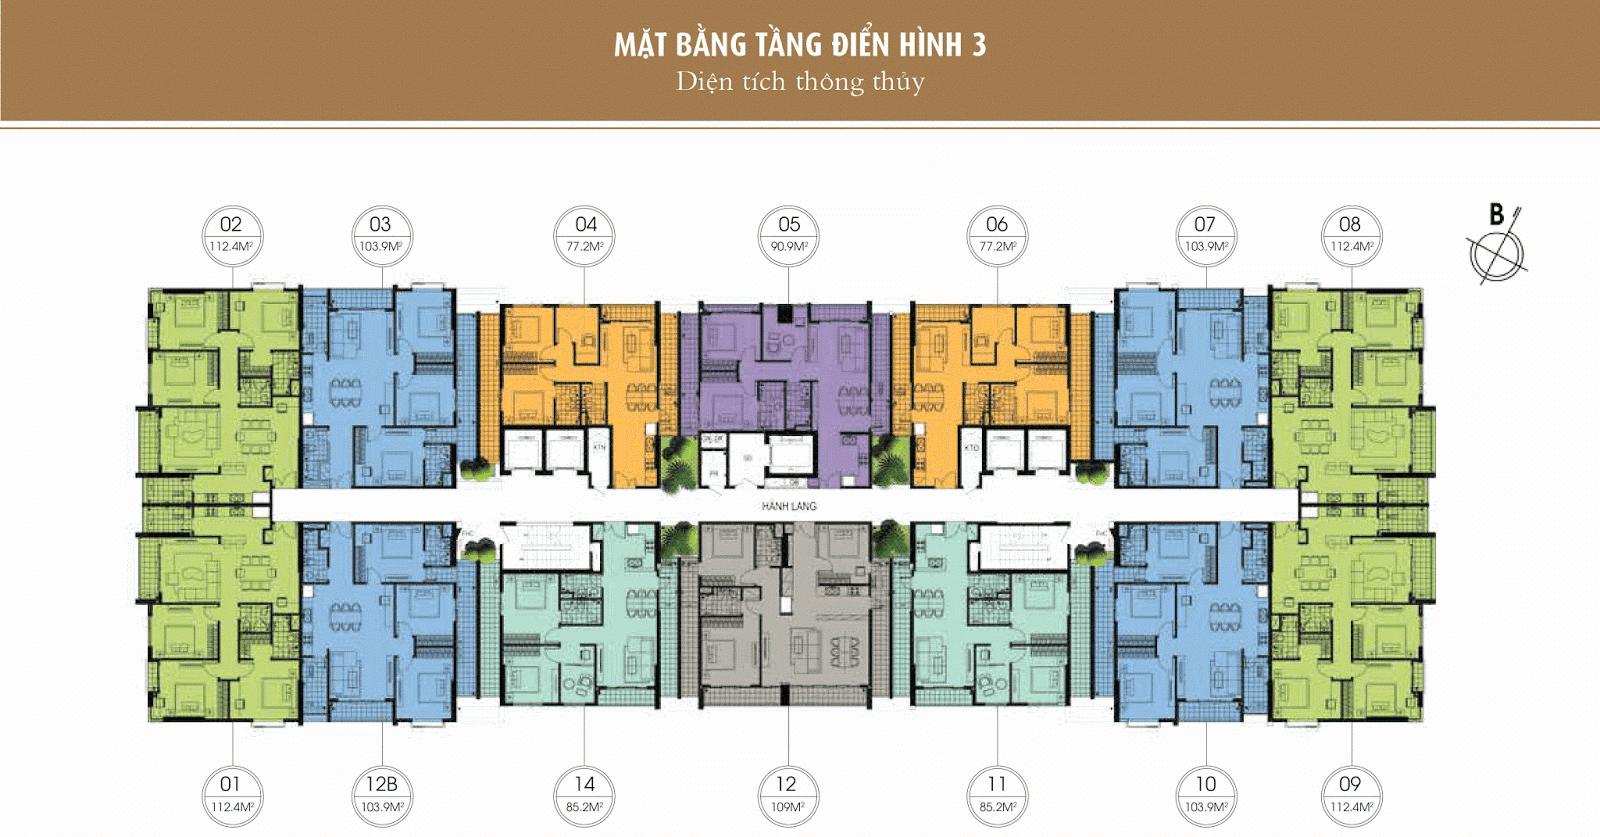 Mặt bằng điển hình tầng 3 - Chung cư One 18 Long Biên